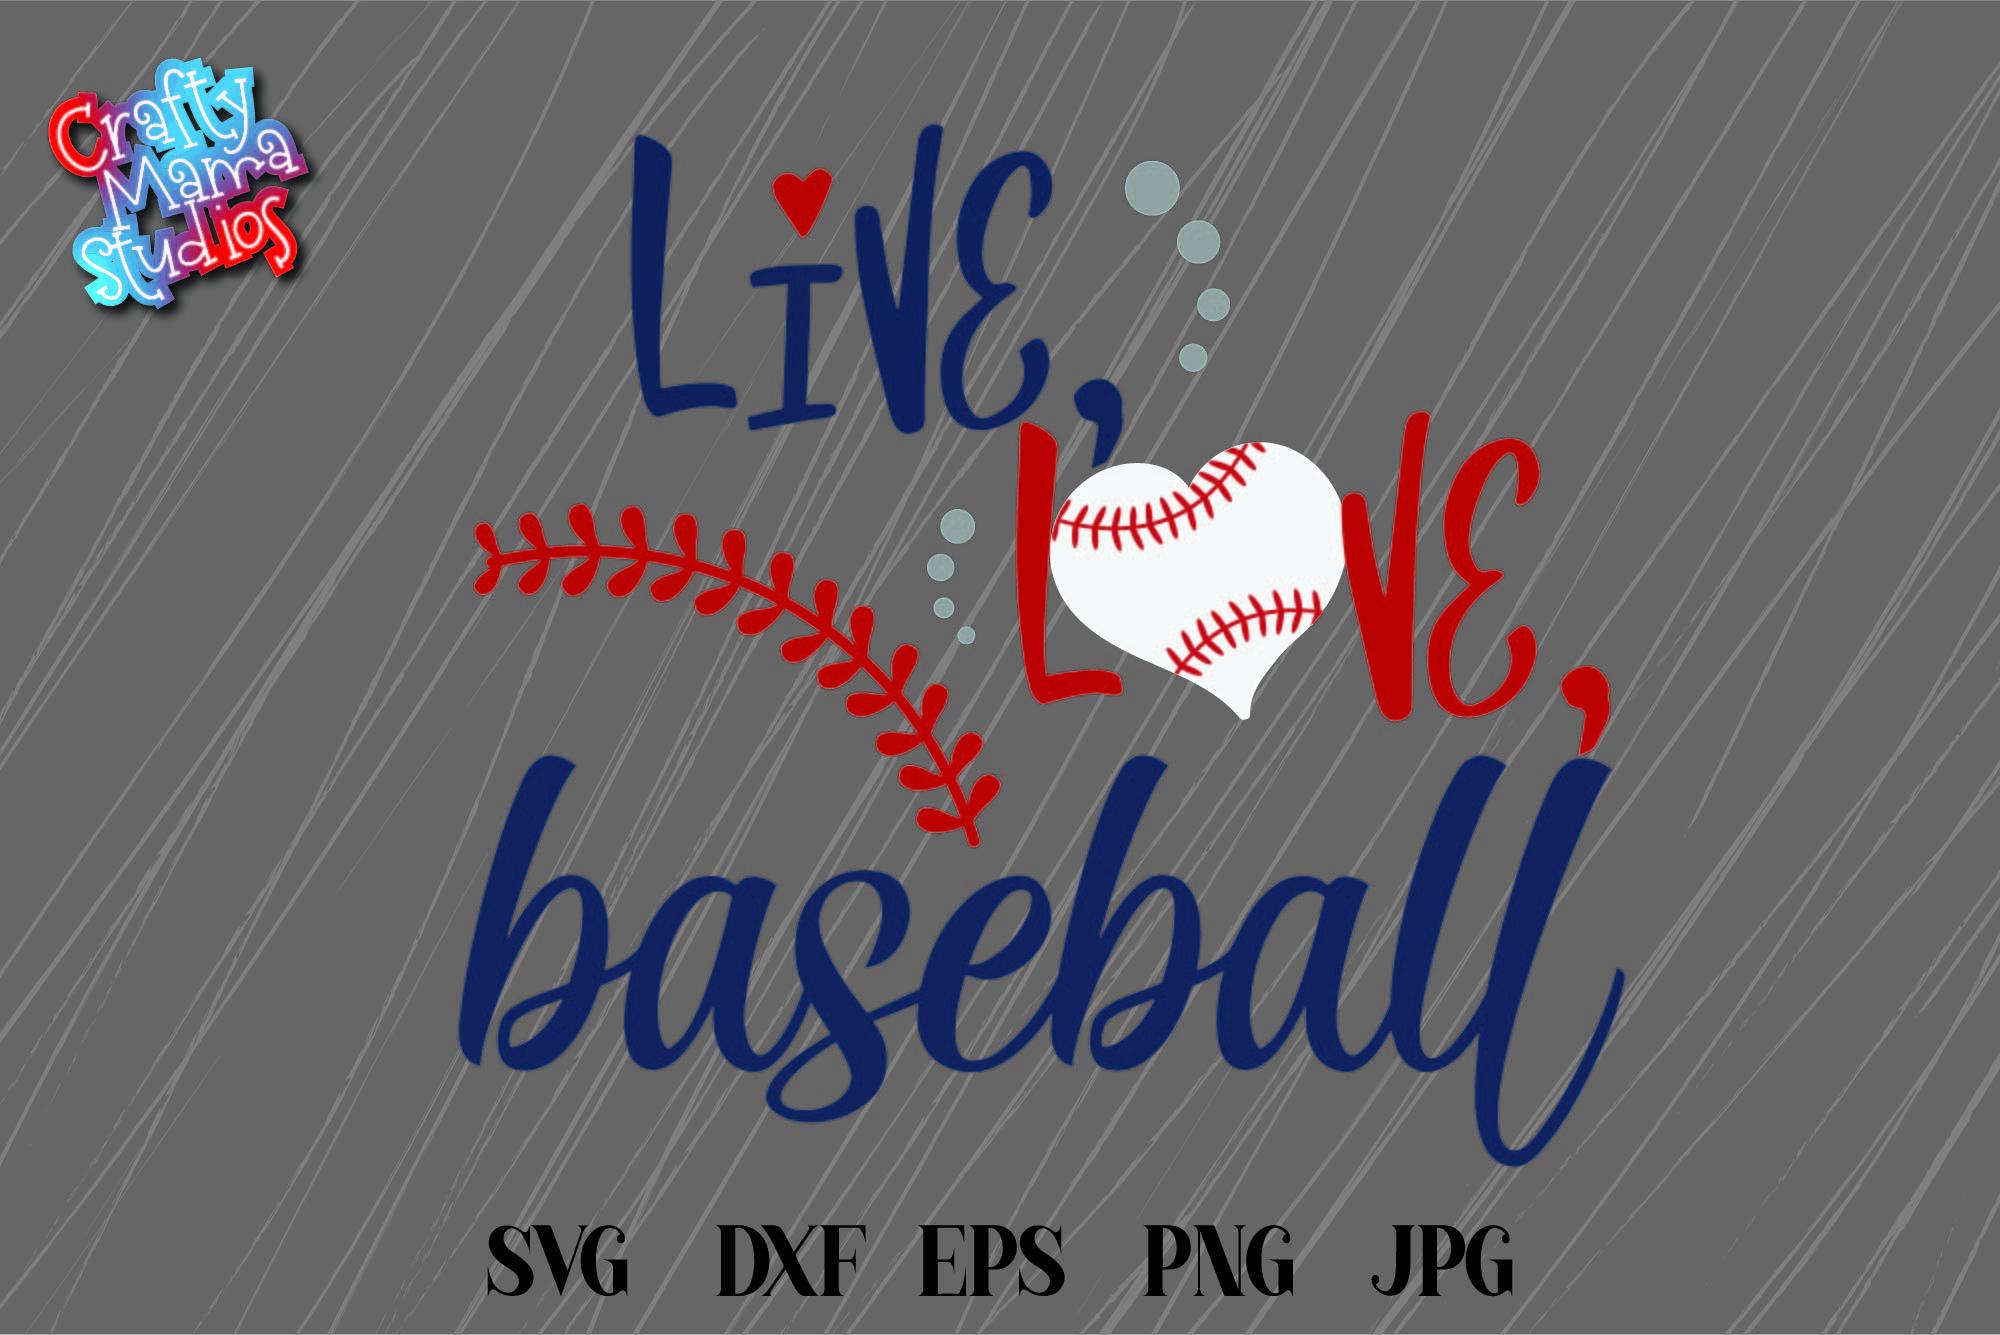 Baseball SVG, Live Love Baseball SVG, Baseball Is Life SVG example image 2